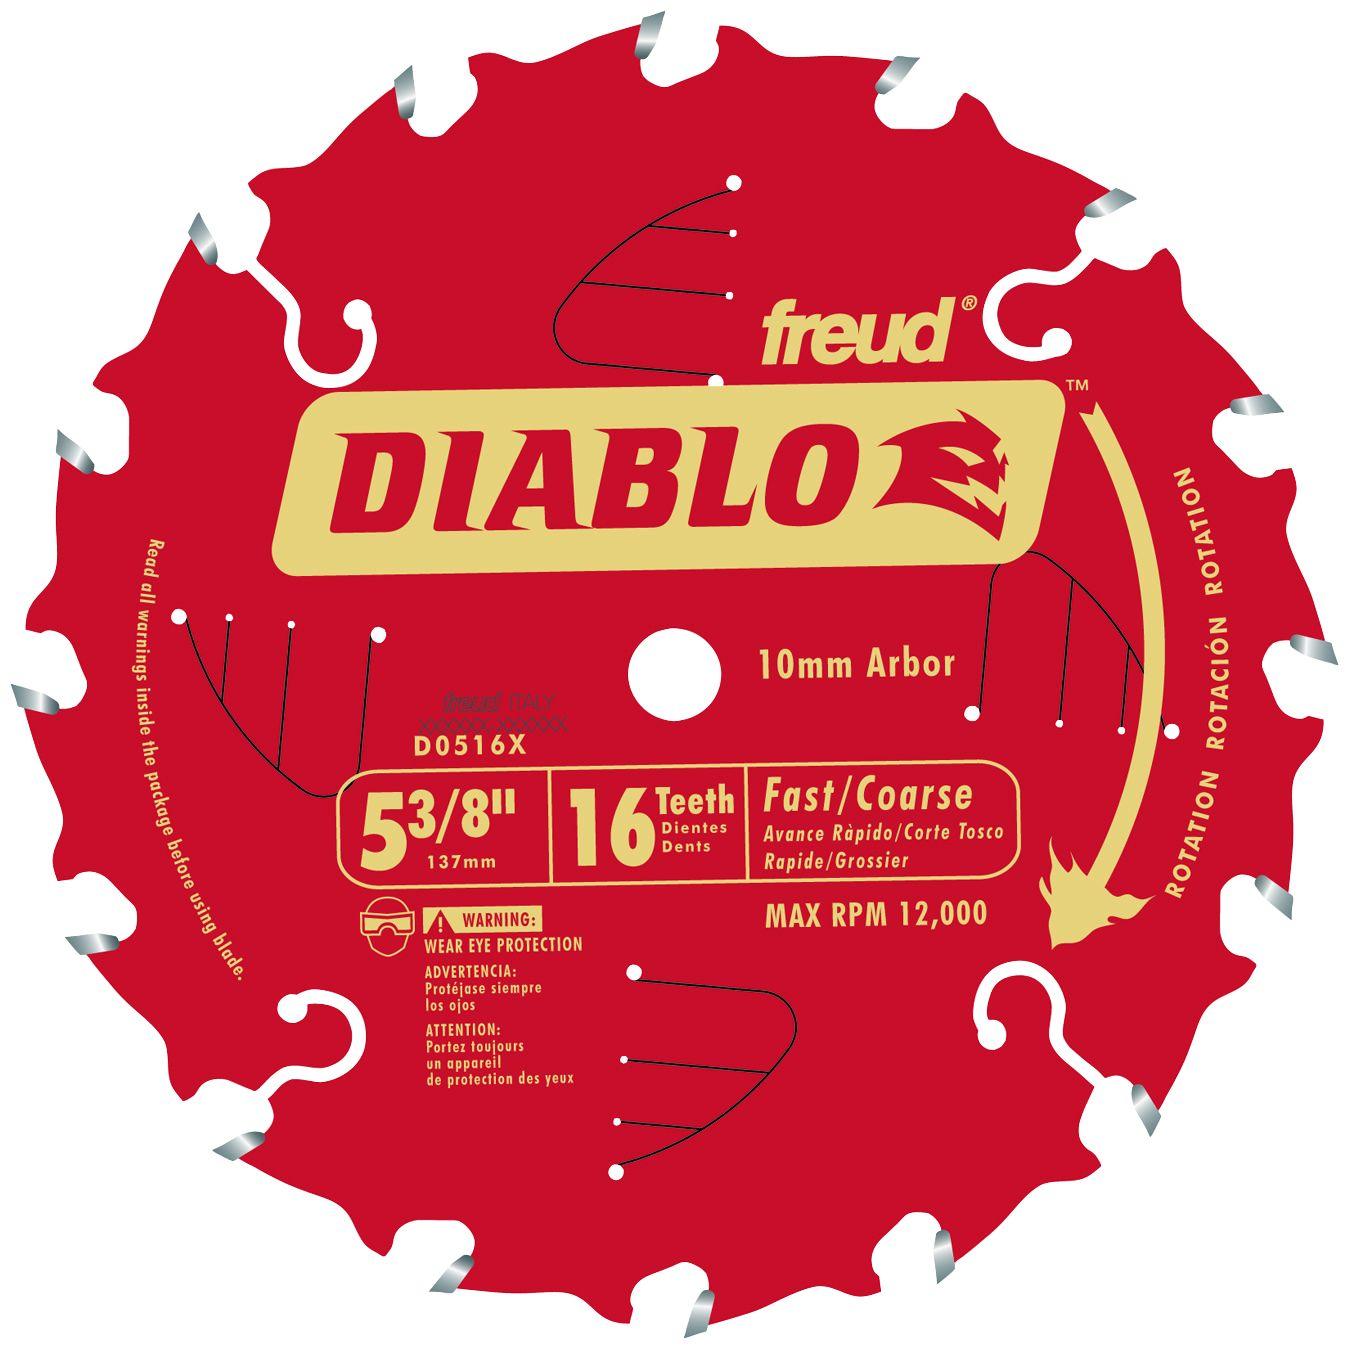 Diablo D0516X